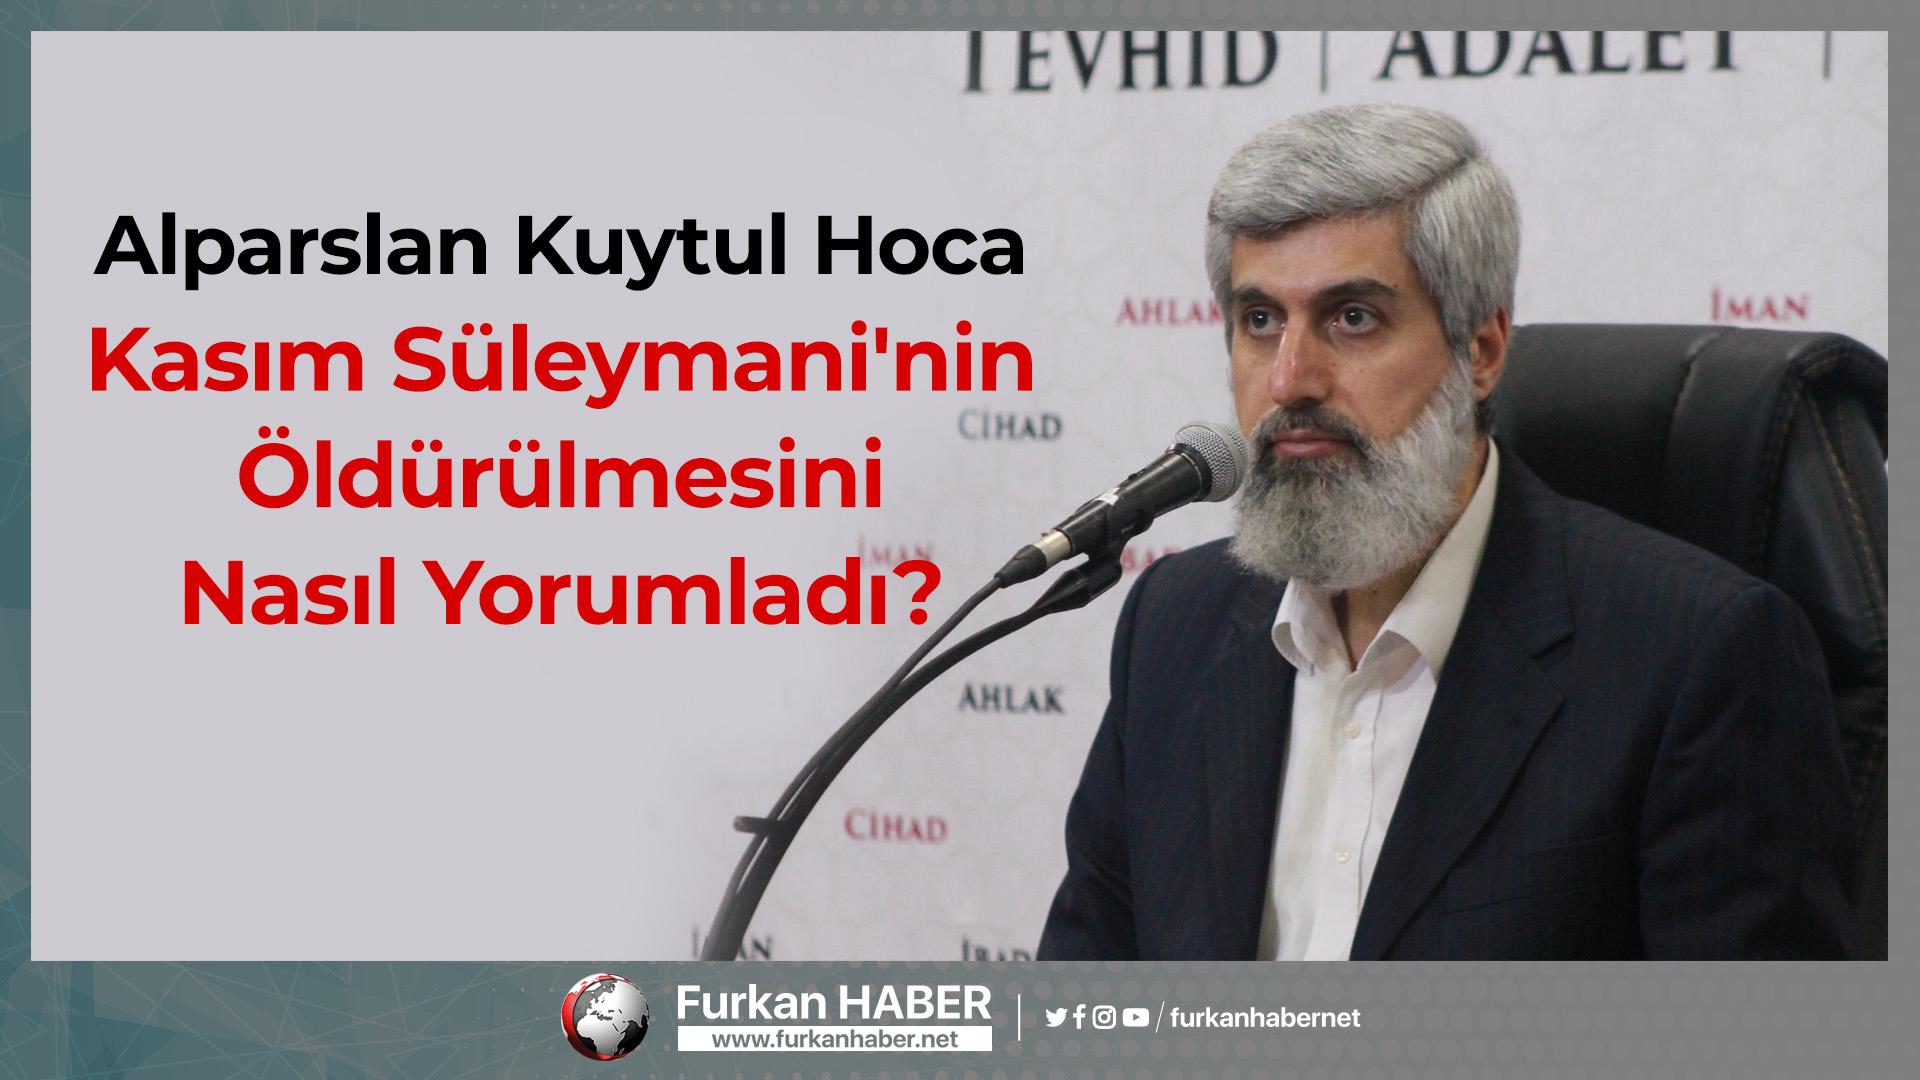 Alparslan Kuytul Hoca Kasım Süleymani'nin Öldürülmesini Nasıl Yorumladı?